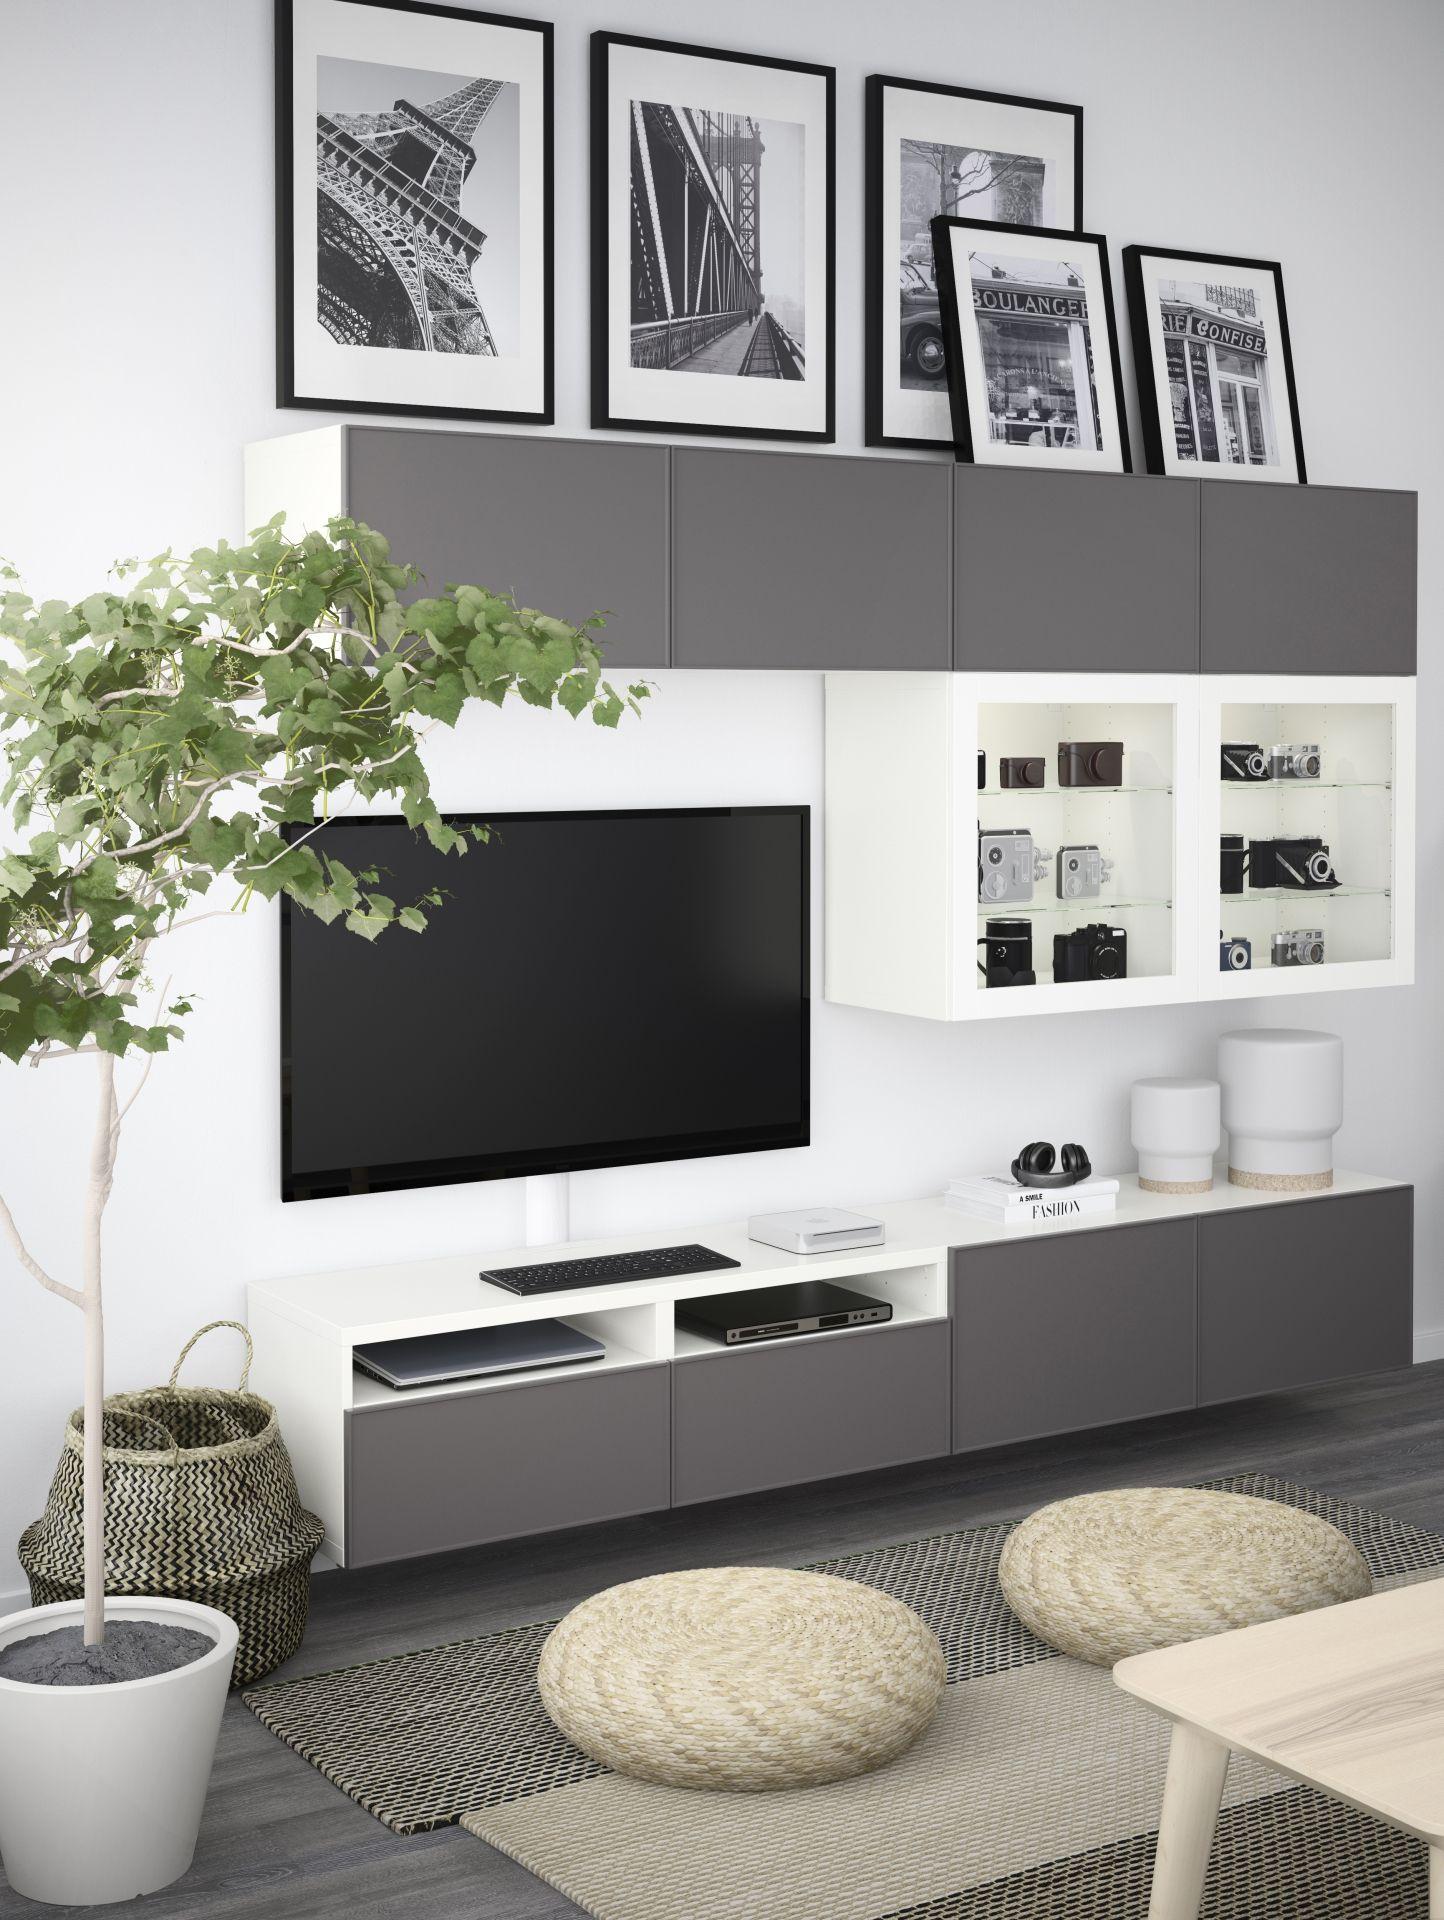 Möbel & Einrichtungsideen für jedes Zuhause  Wohnzimmer